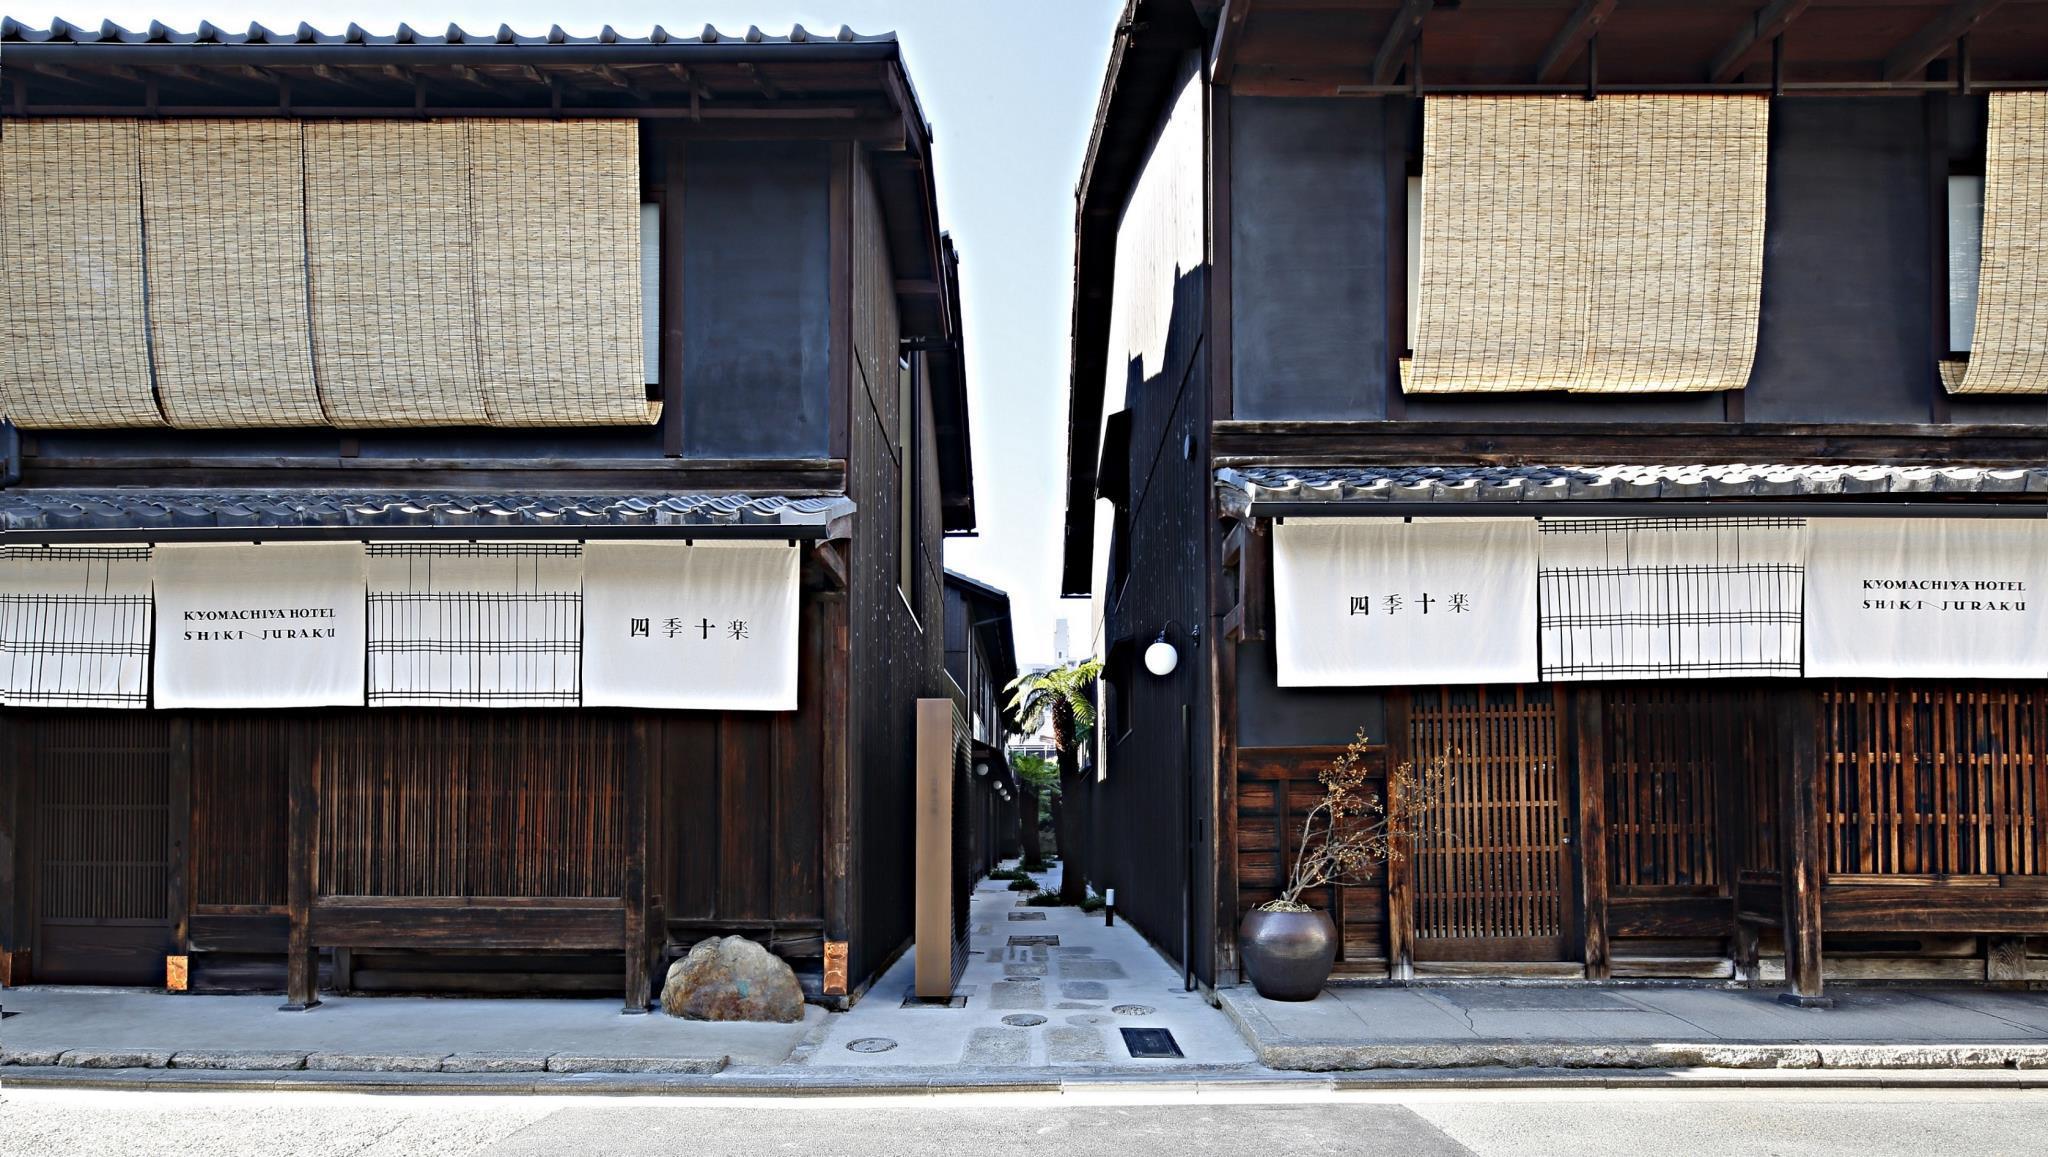 Japanilaiset suku puoli Hotellitlesbo opettaja viettelee